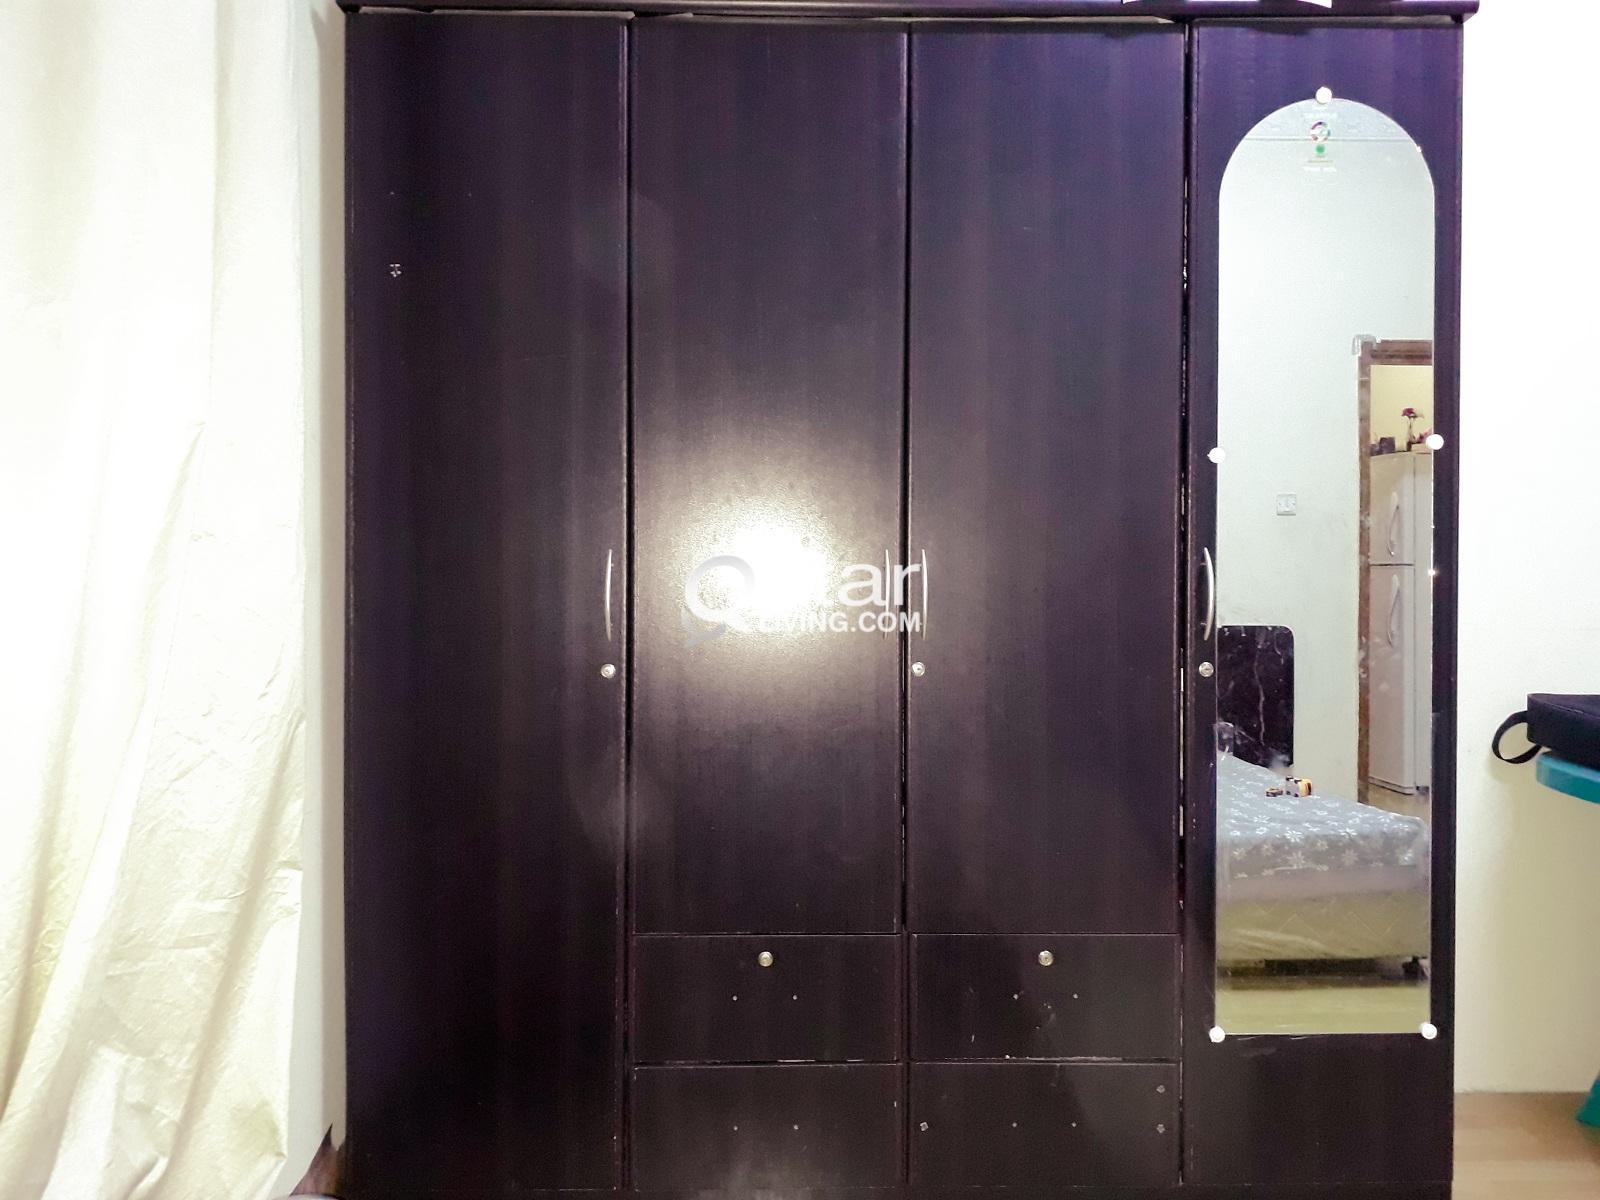 Wadrobe 4 Door Best Buy Qatar Living